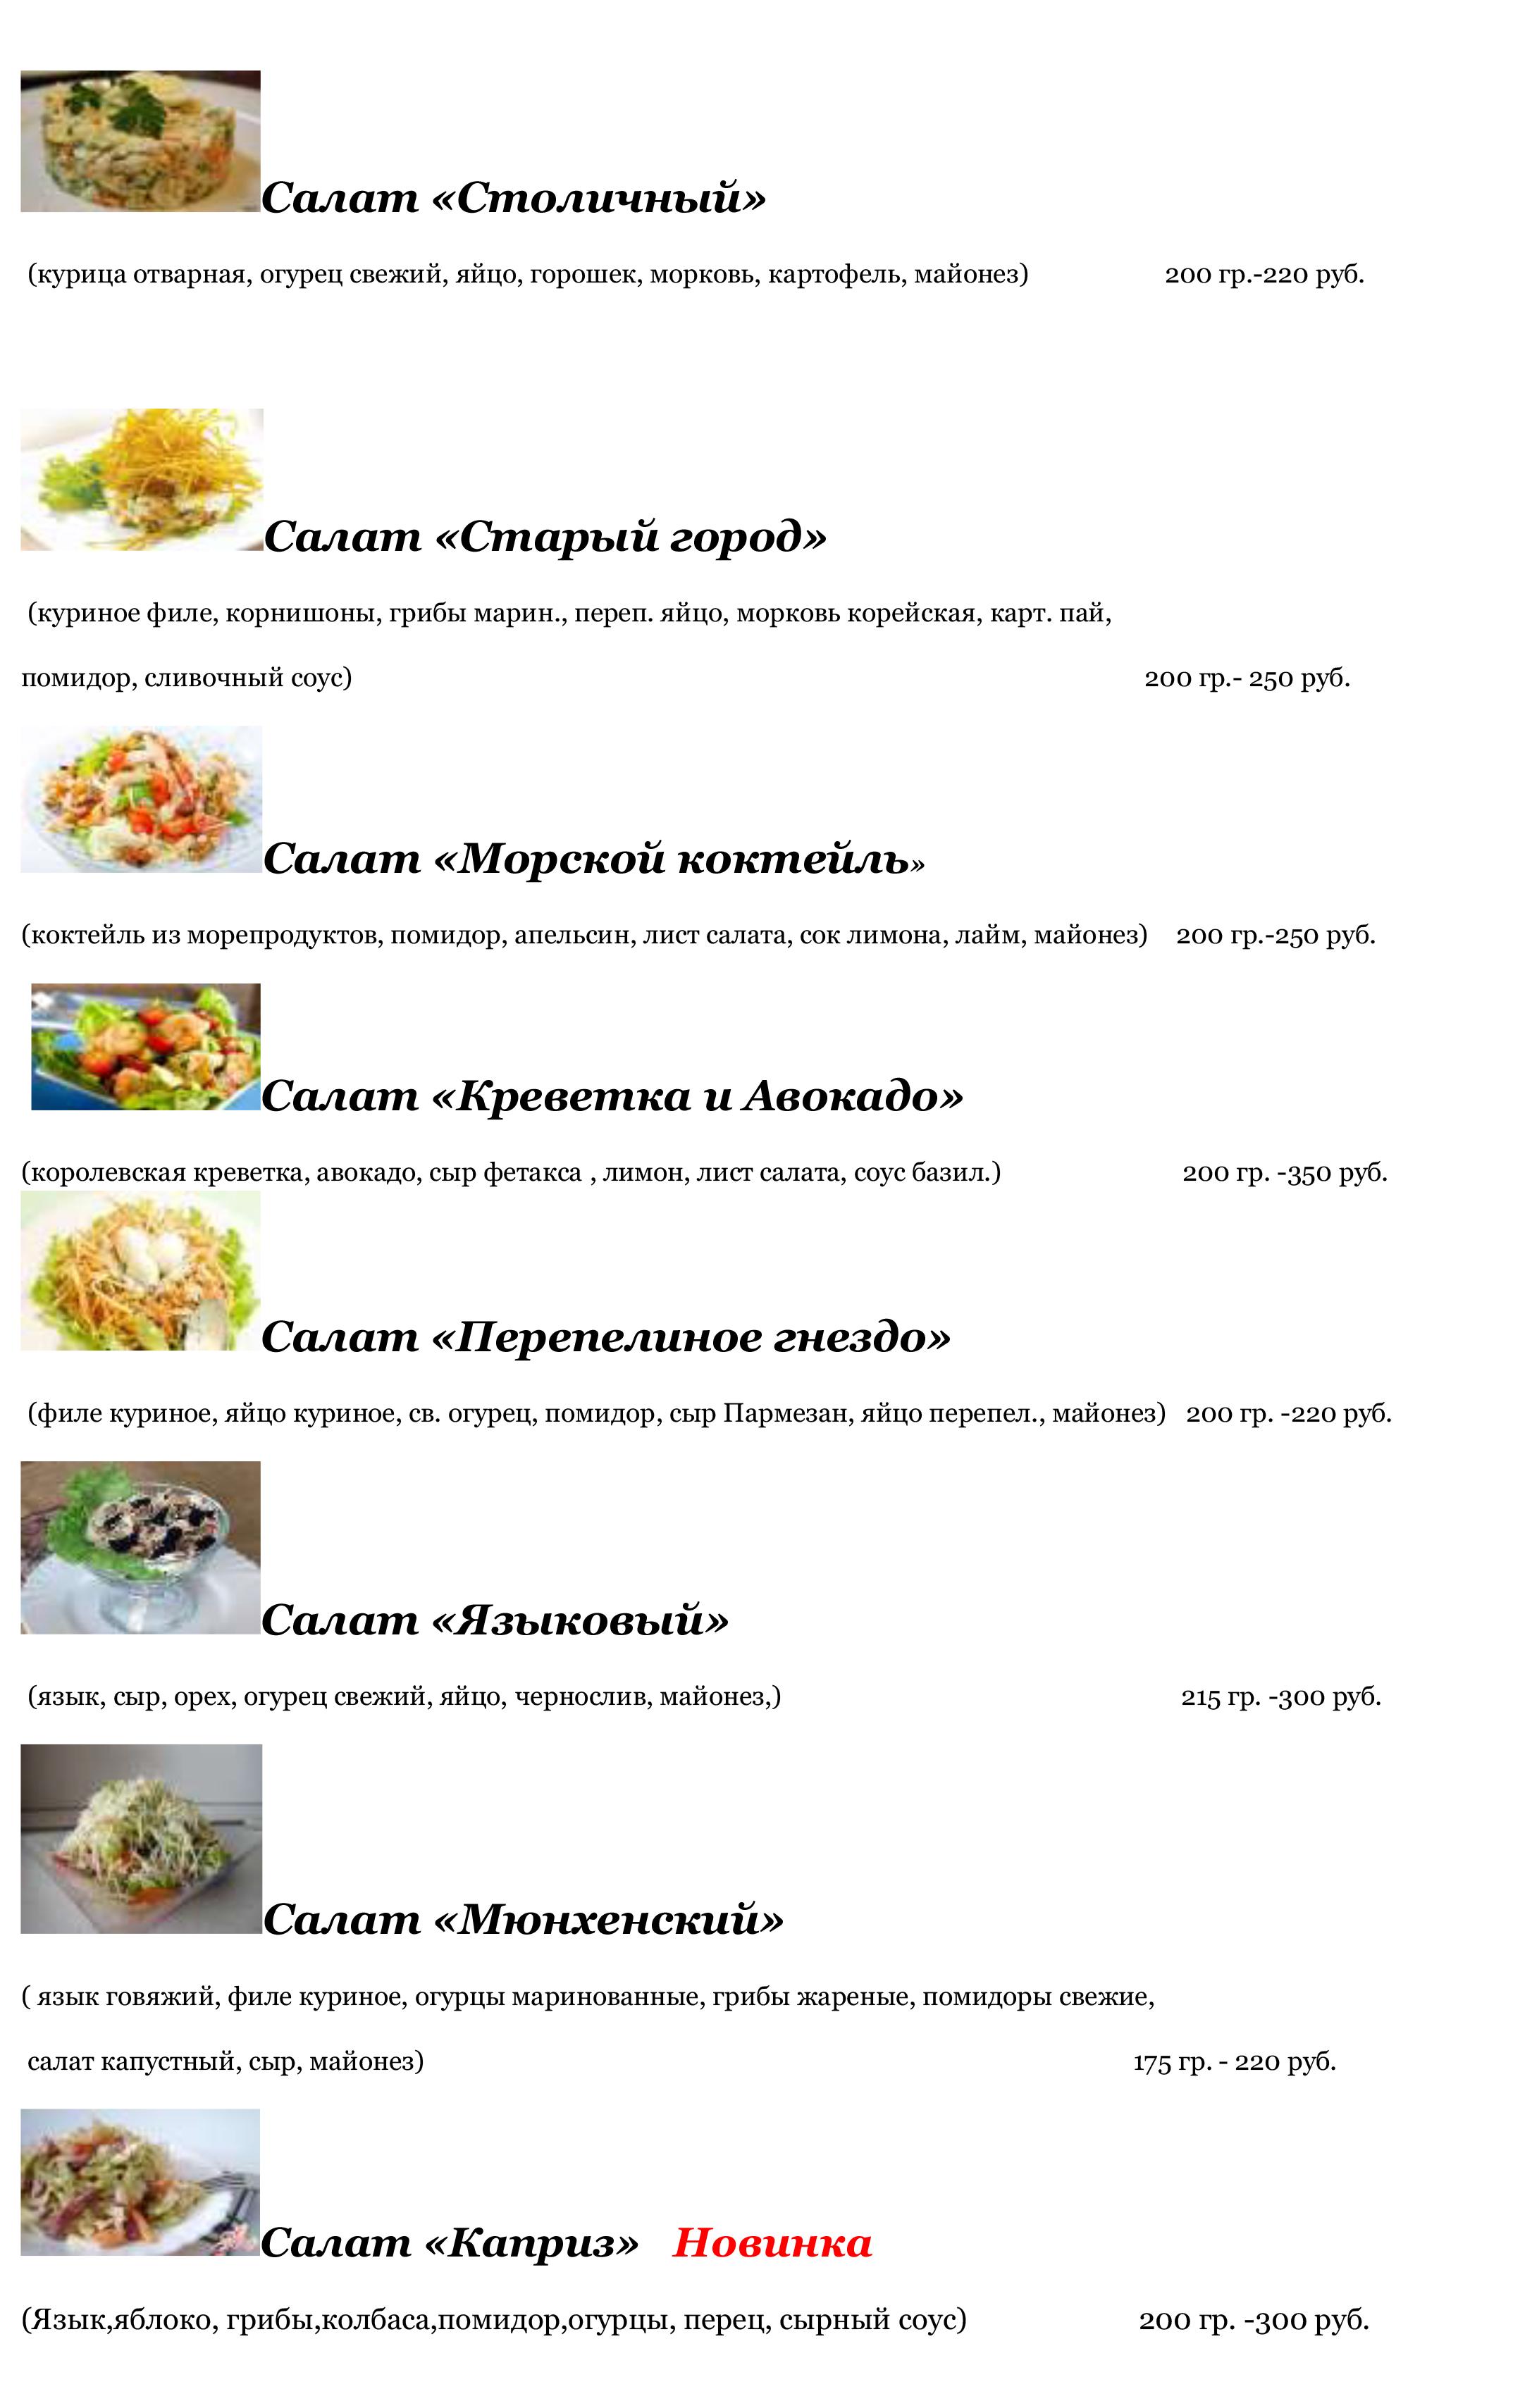 Меню кафе Сибирские луга 5